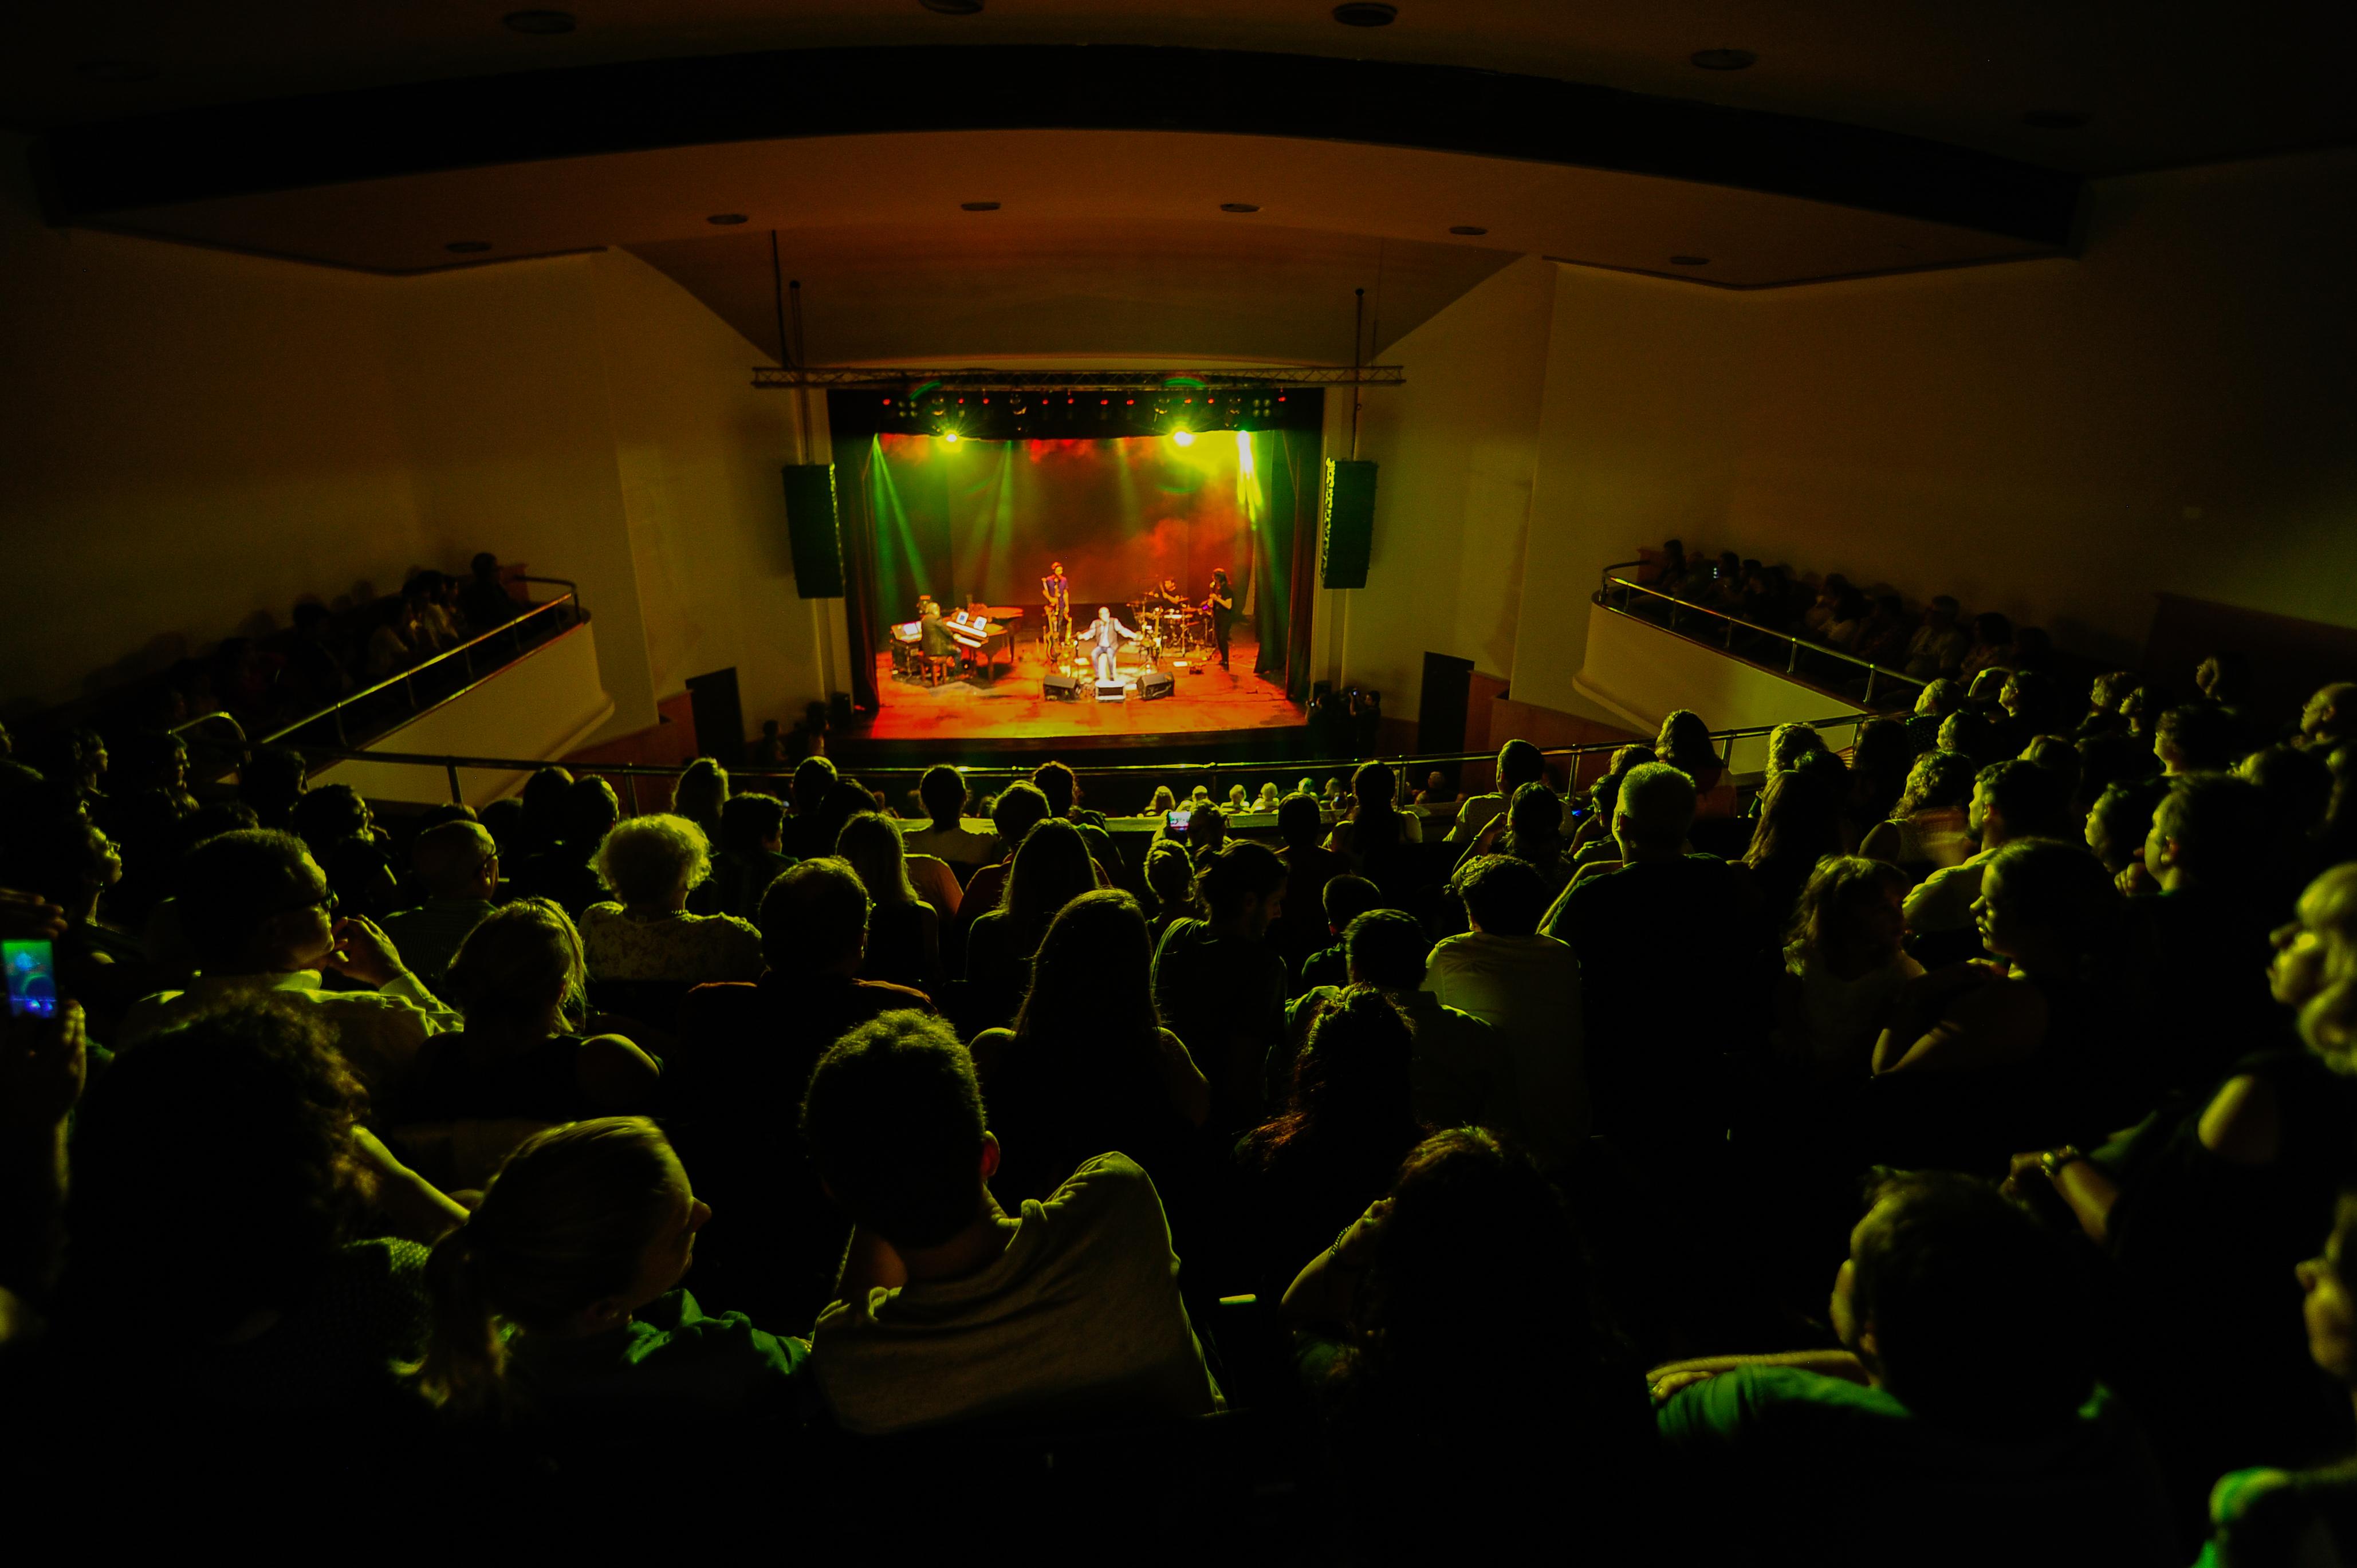 Teatro Metro, 4 51 y 53, 19 de abril